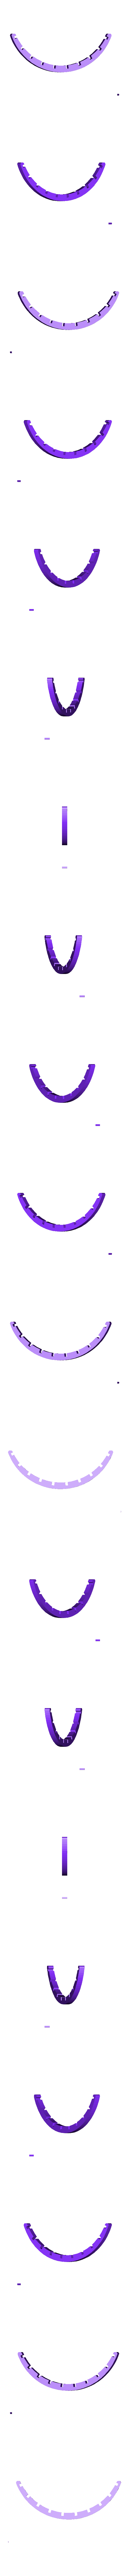 Bowl_1.stl Télécharger fichier STL gratuit Remix de bol de fruits pour l'impression 3D • Plan imprimable en 3D, tylerebowers